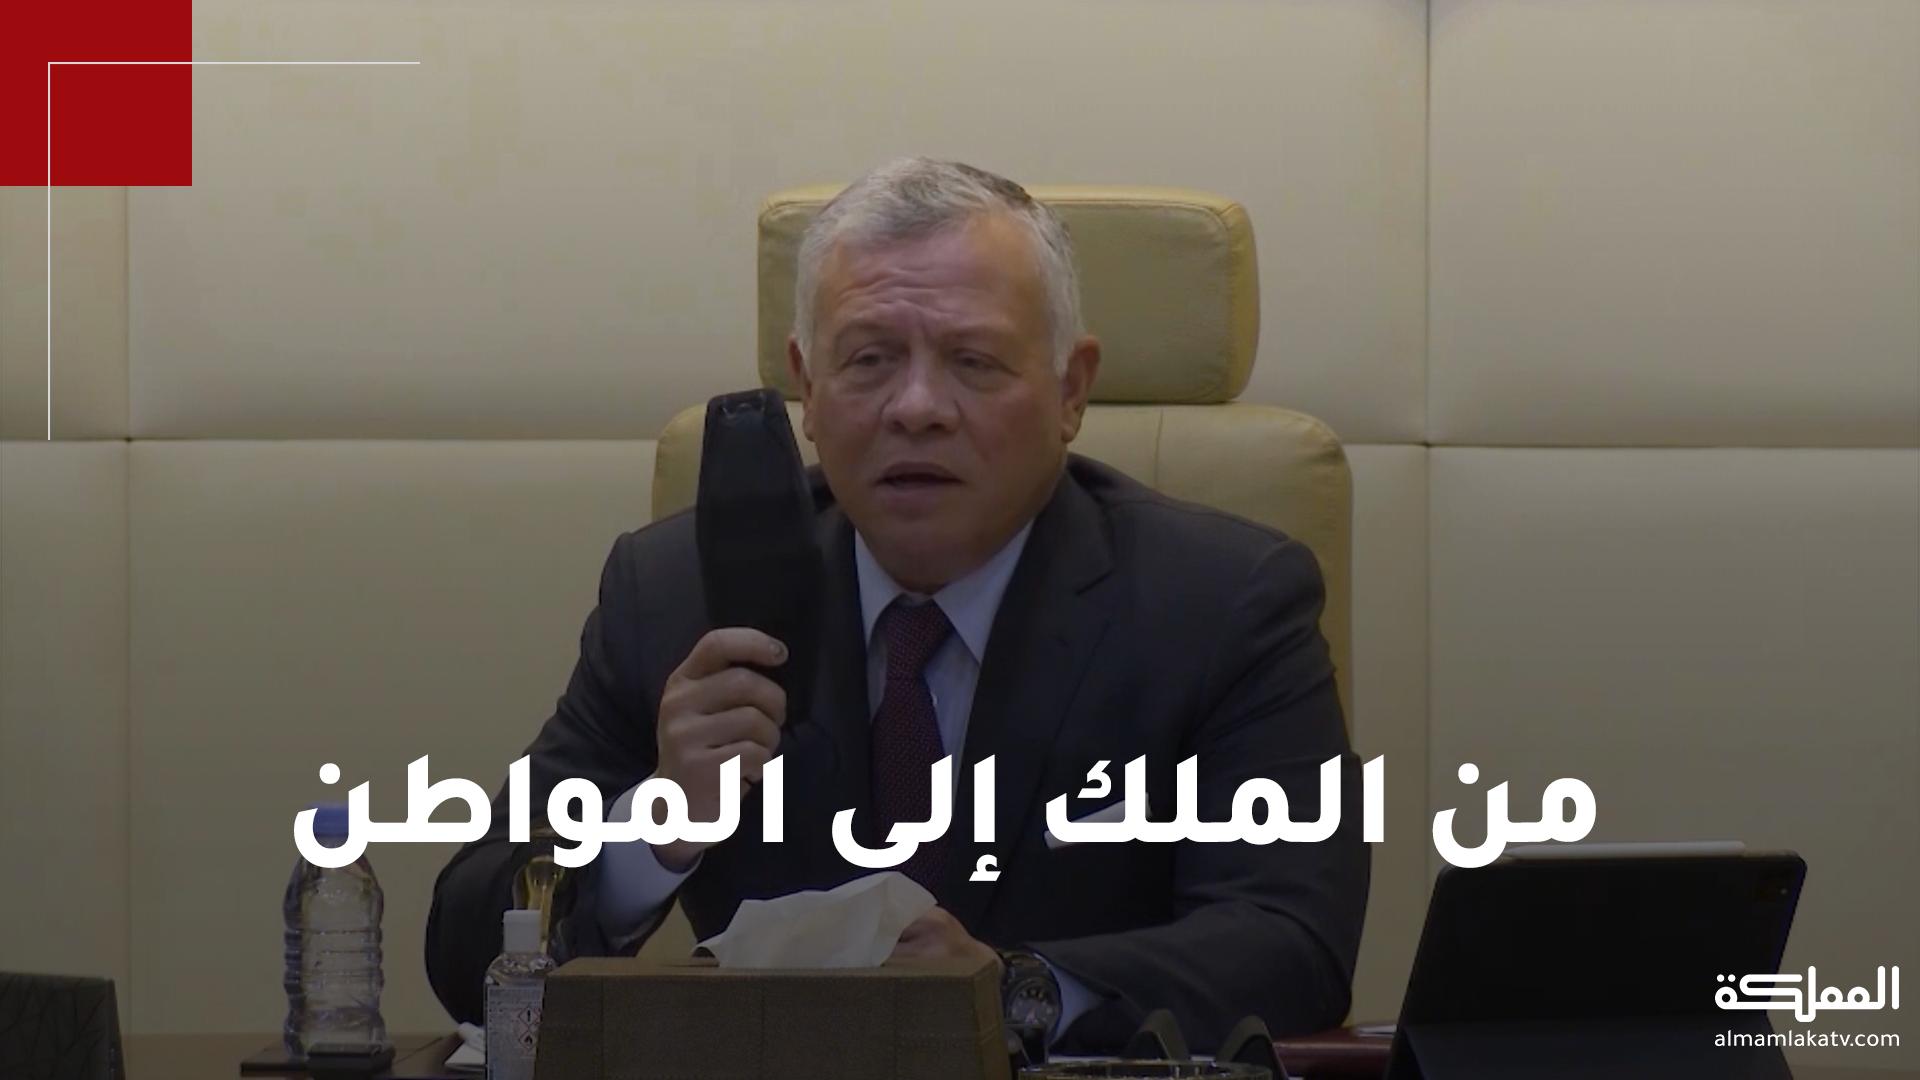 الملك: افتتاح المدارس والقطاعات مهم ورسالتنا هي الالتزام بالكمامة